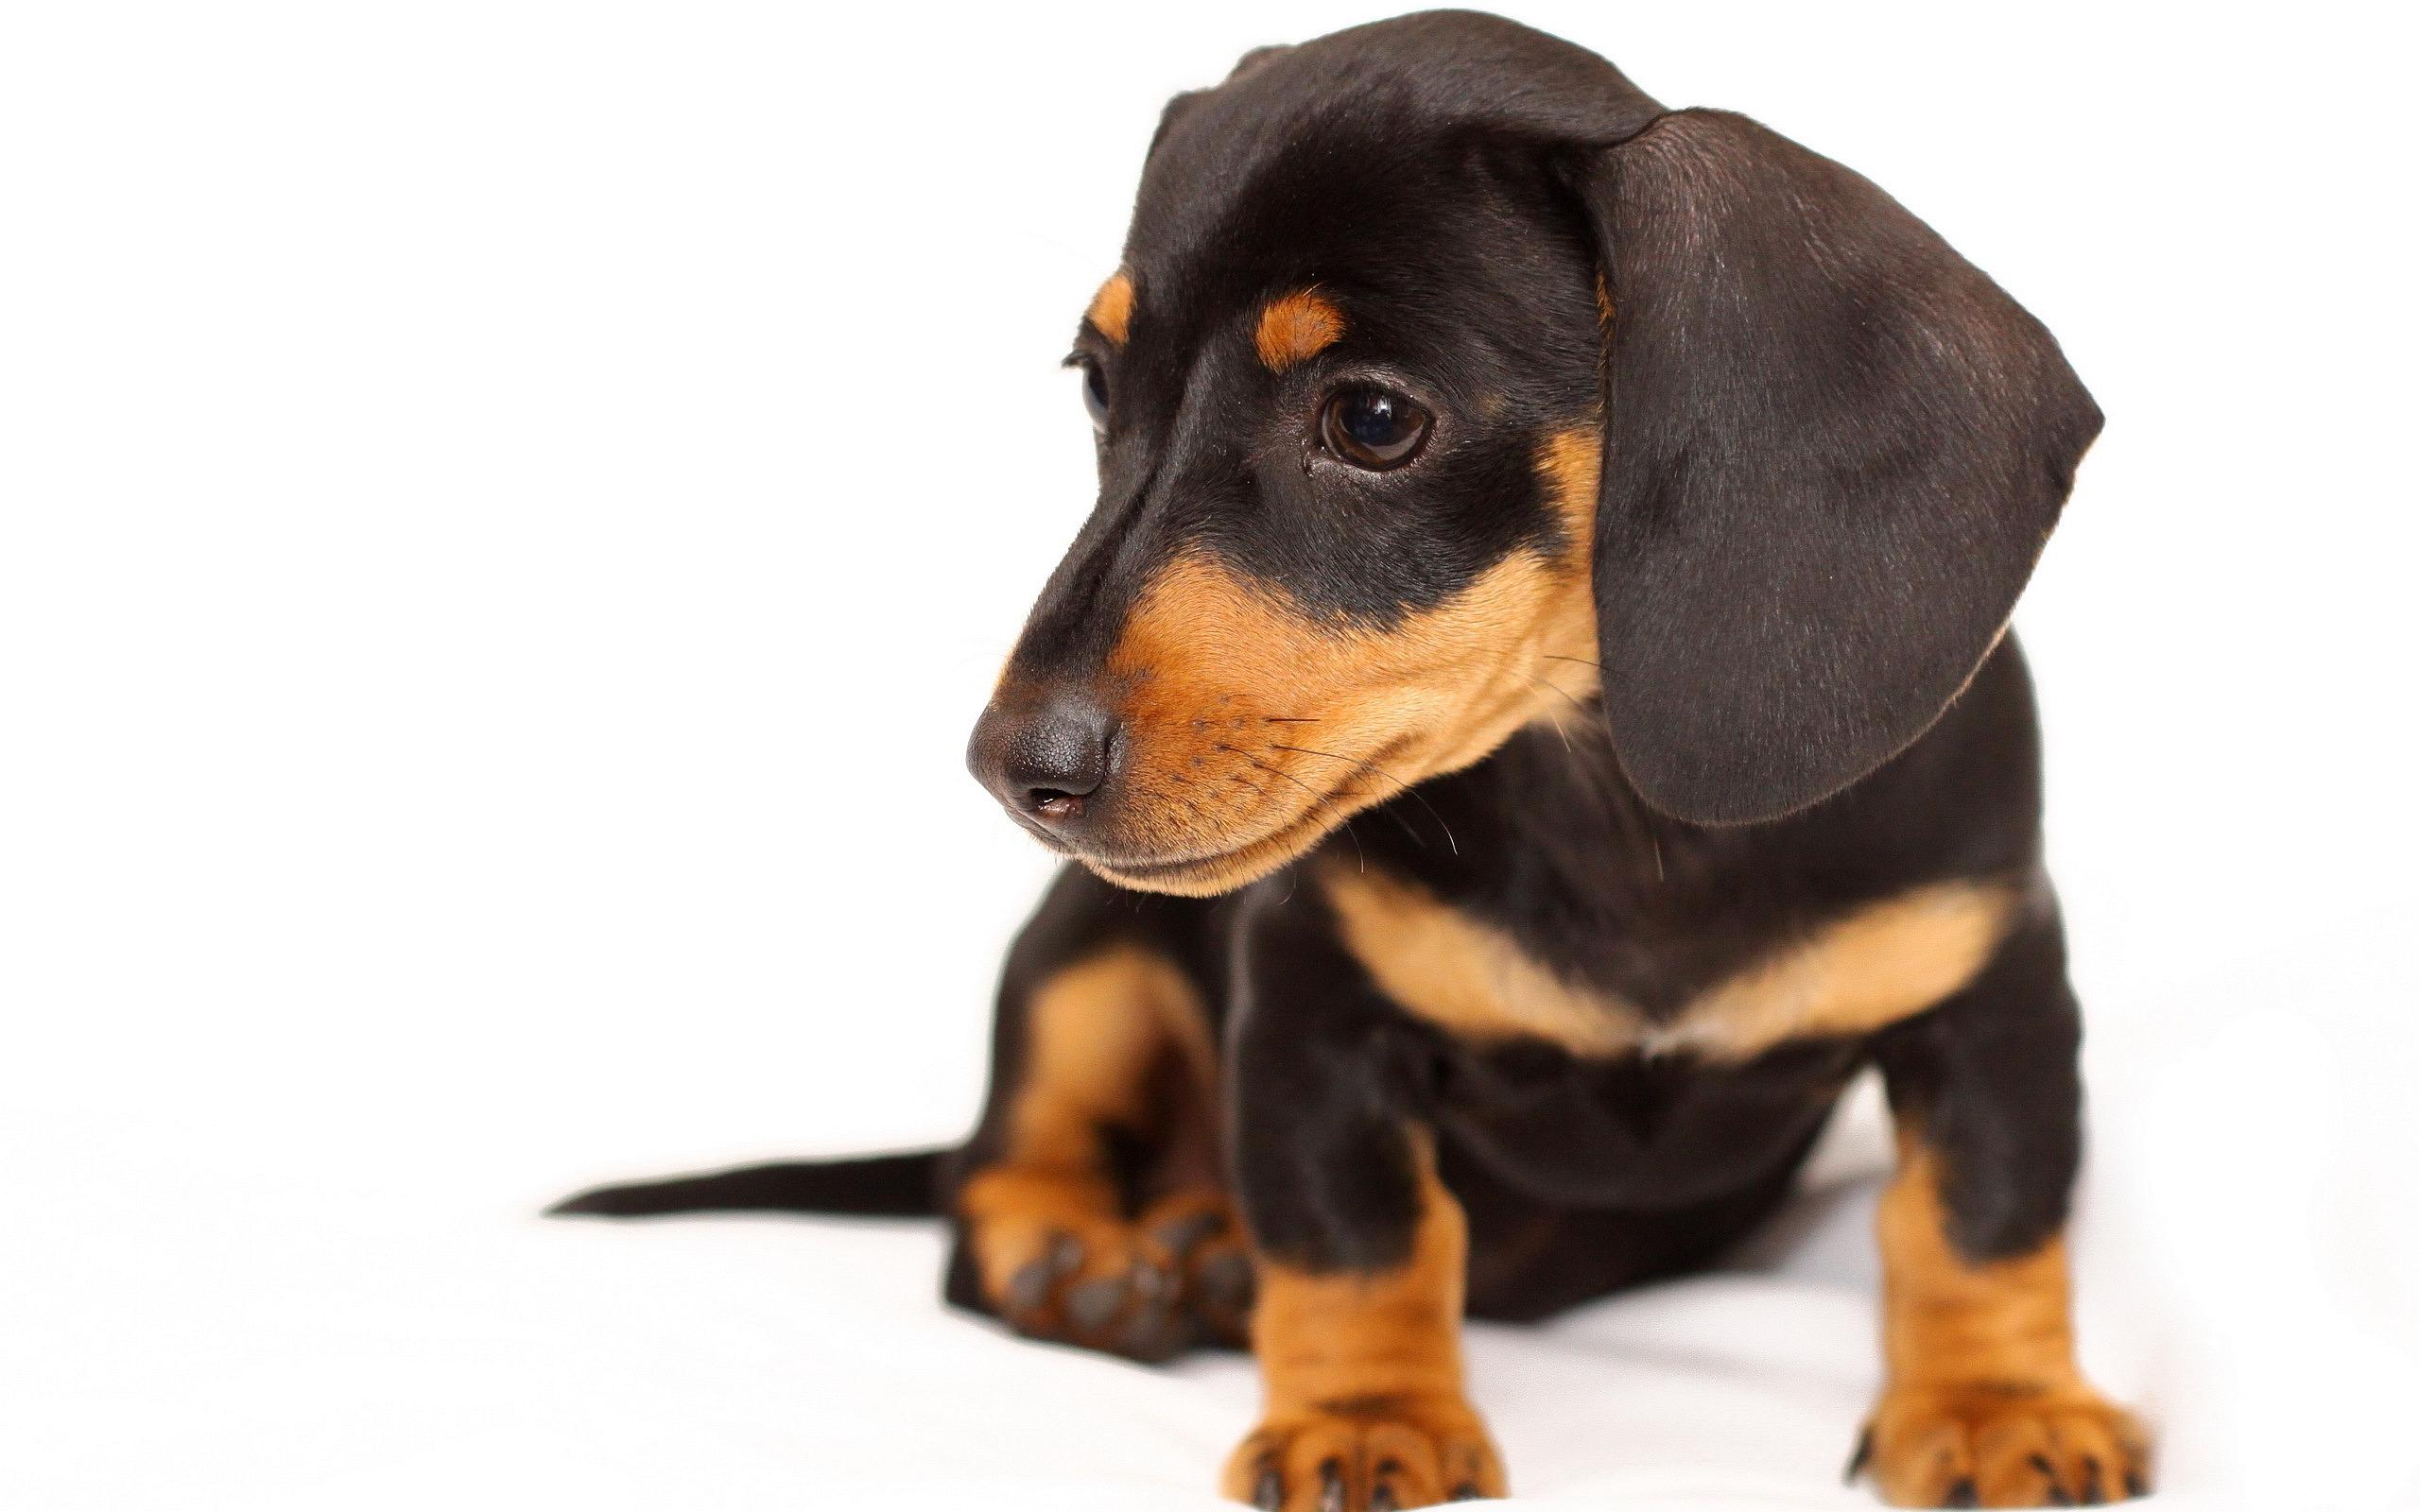 Black Brown Puppy